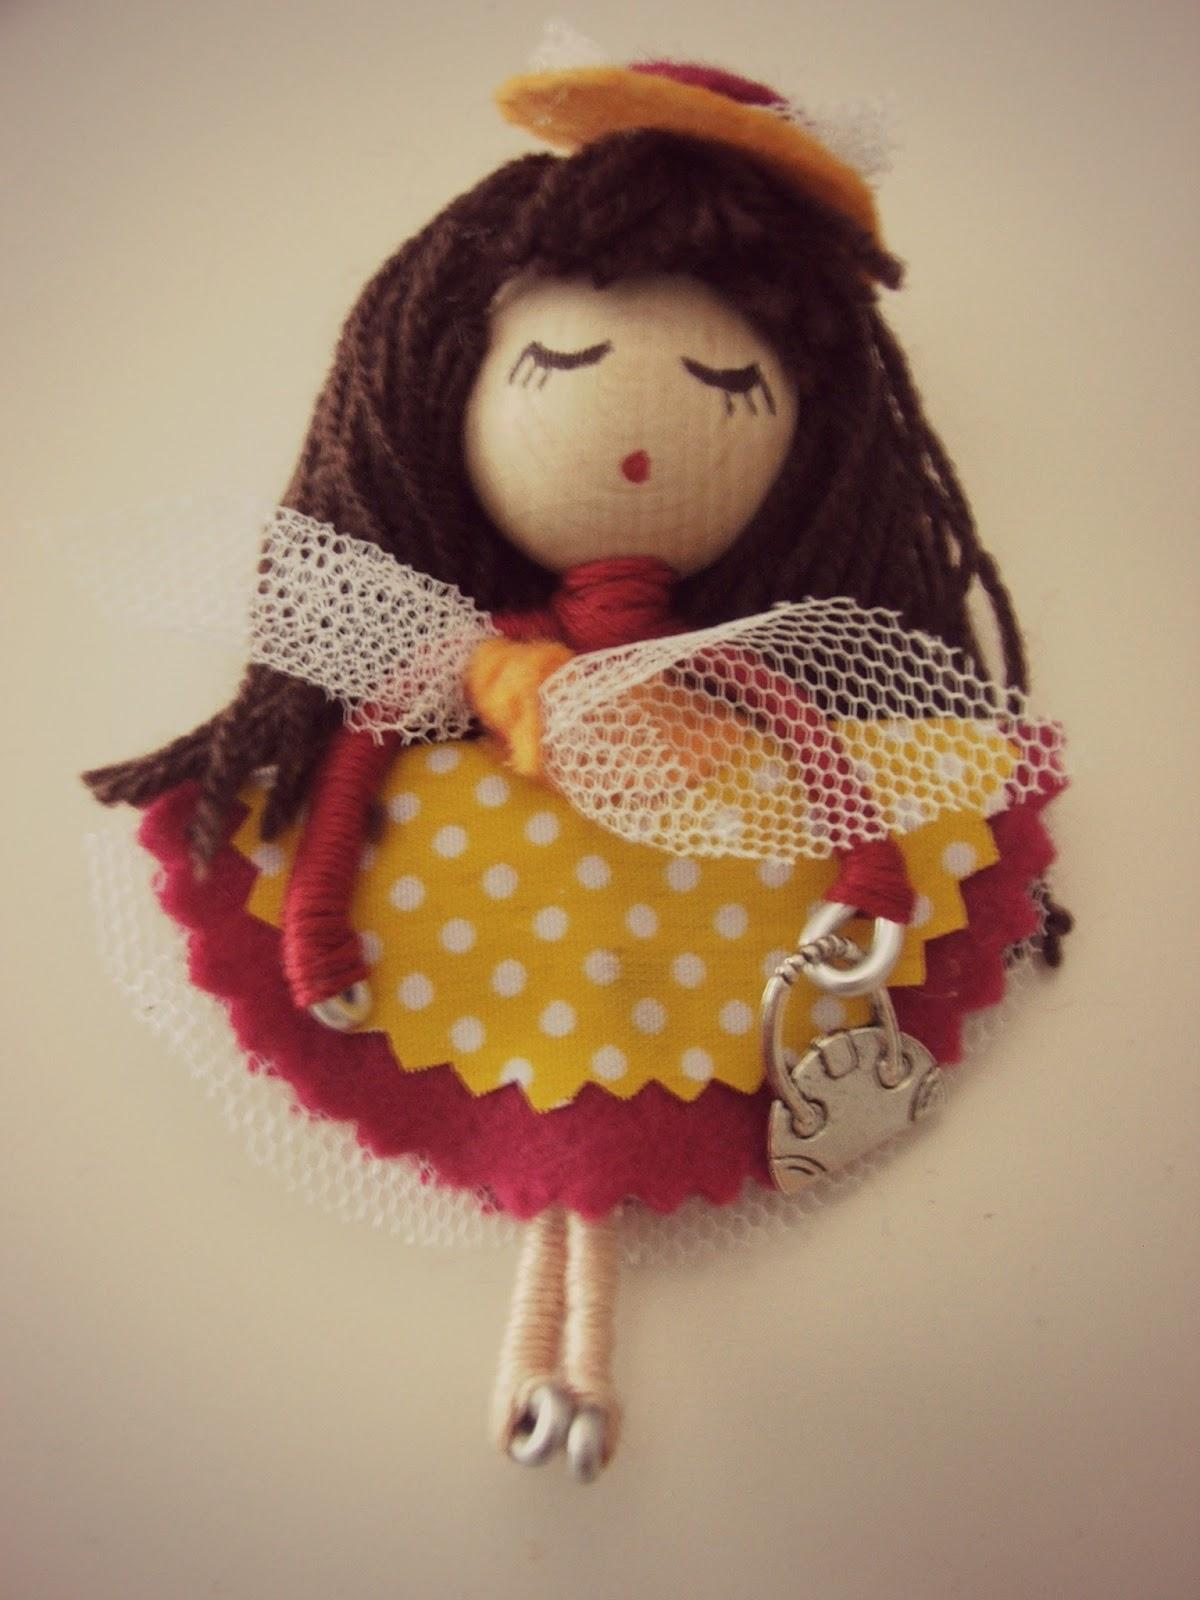 muñeca de alambre - wire doll